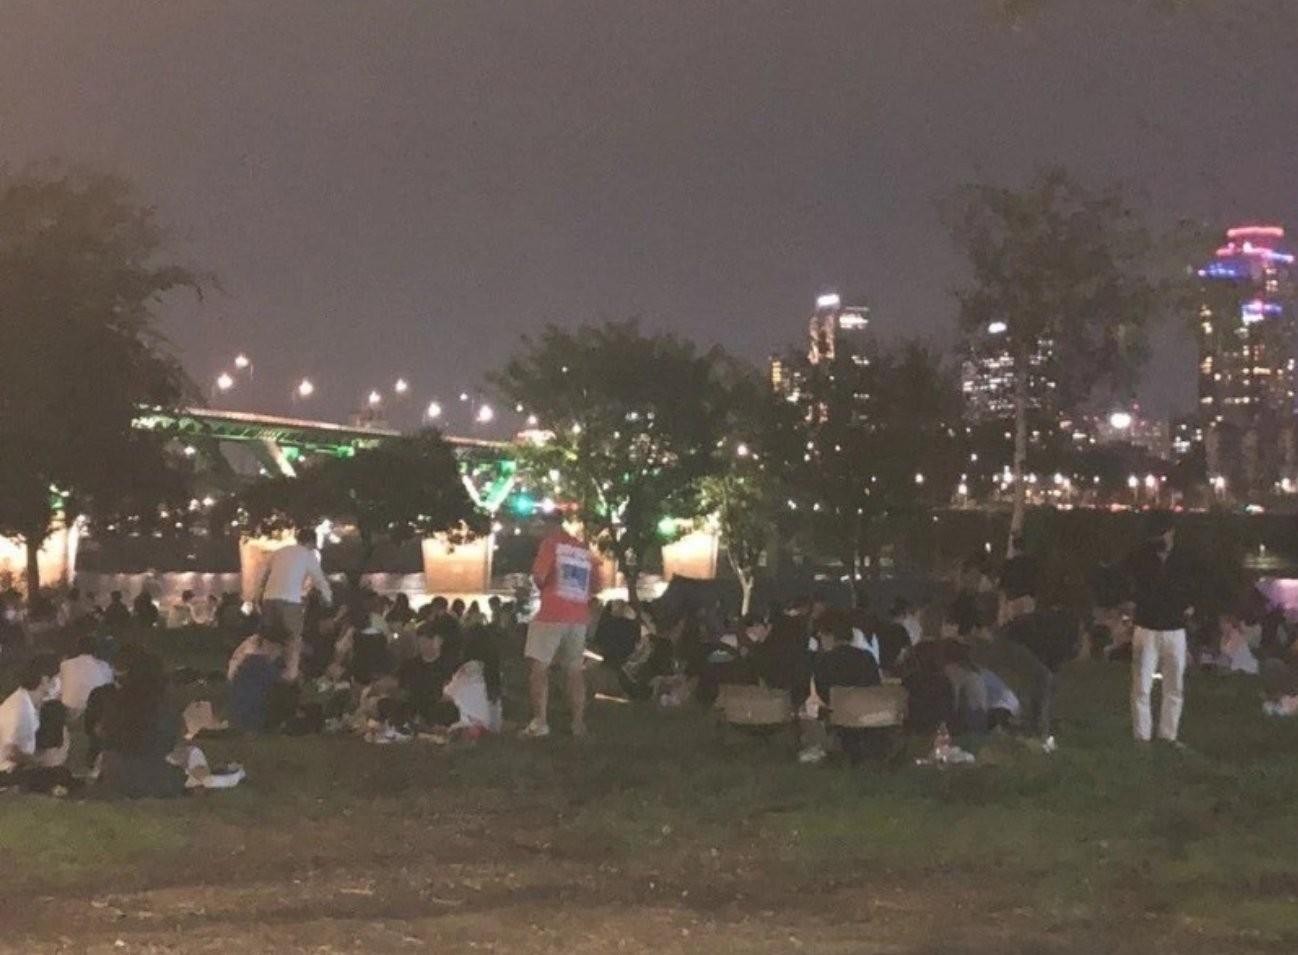 ▲▼南韓實施防疫措施,民眾轉而前往漢江公園聚餐、飲酒。(圖/翻攝自Twitter@Reiligh_photo)